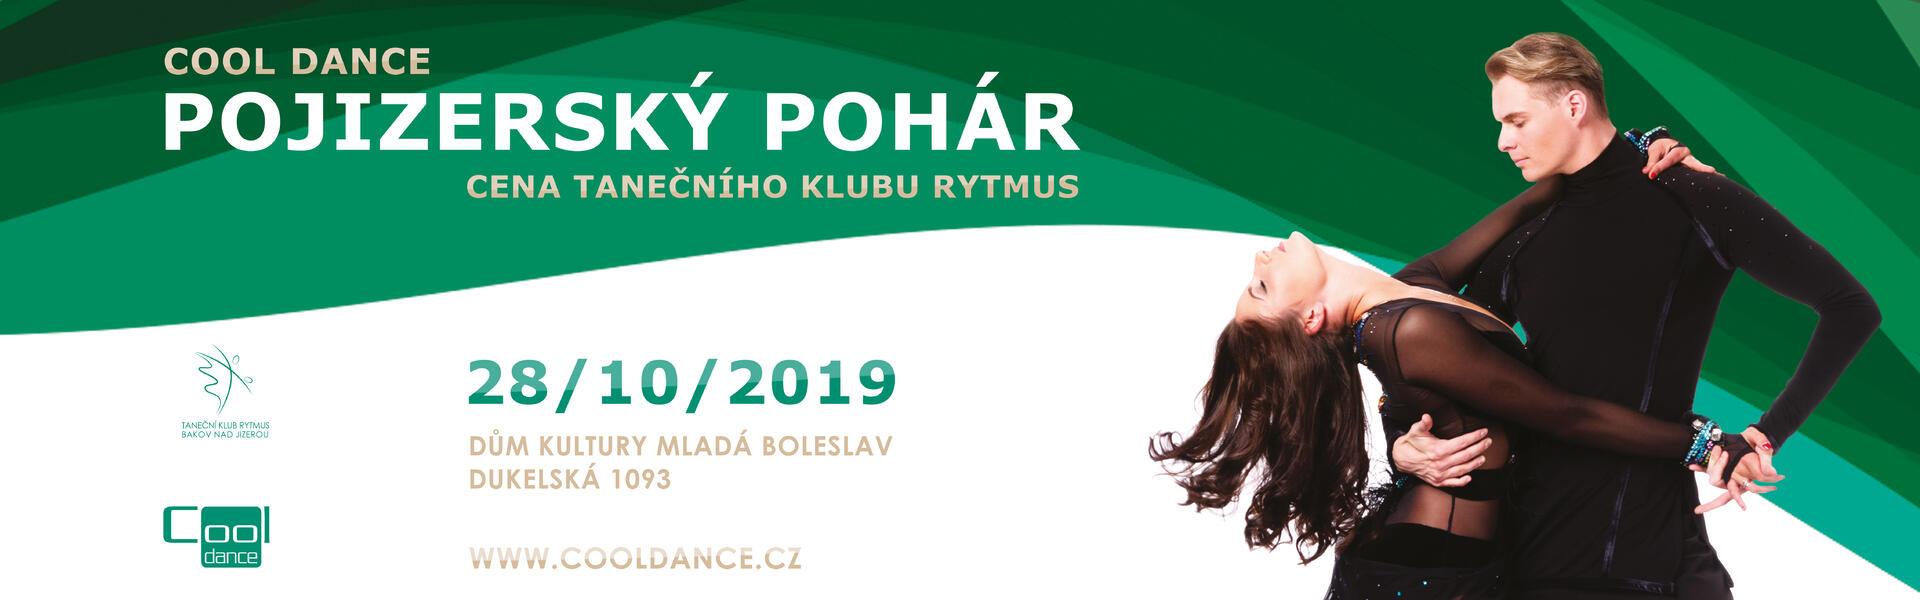 Pojizerský pohár 2019